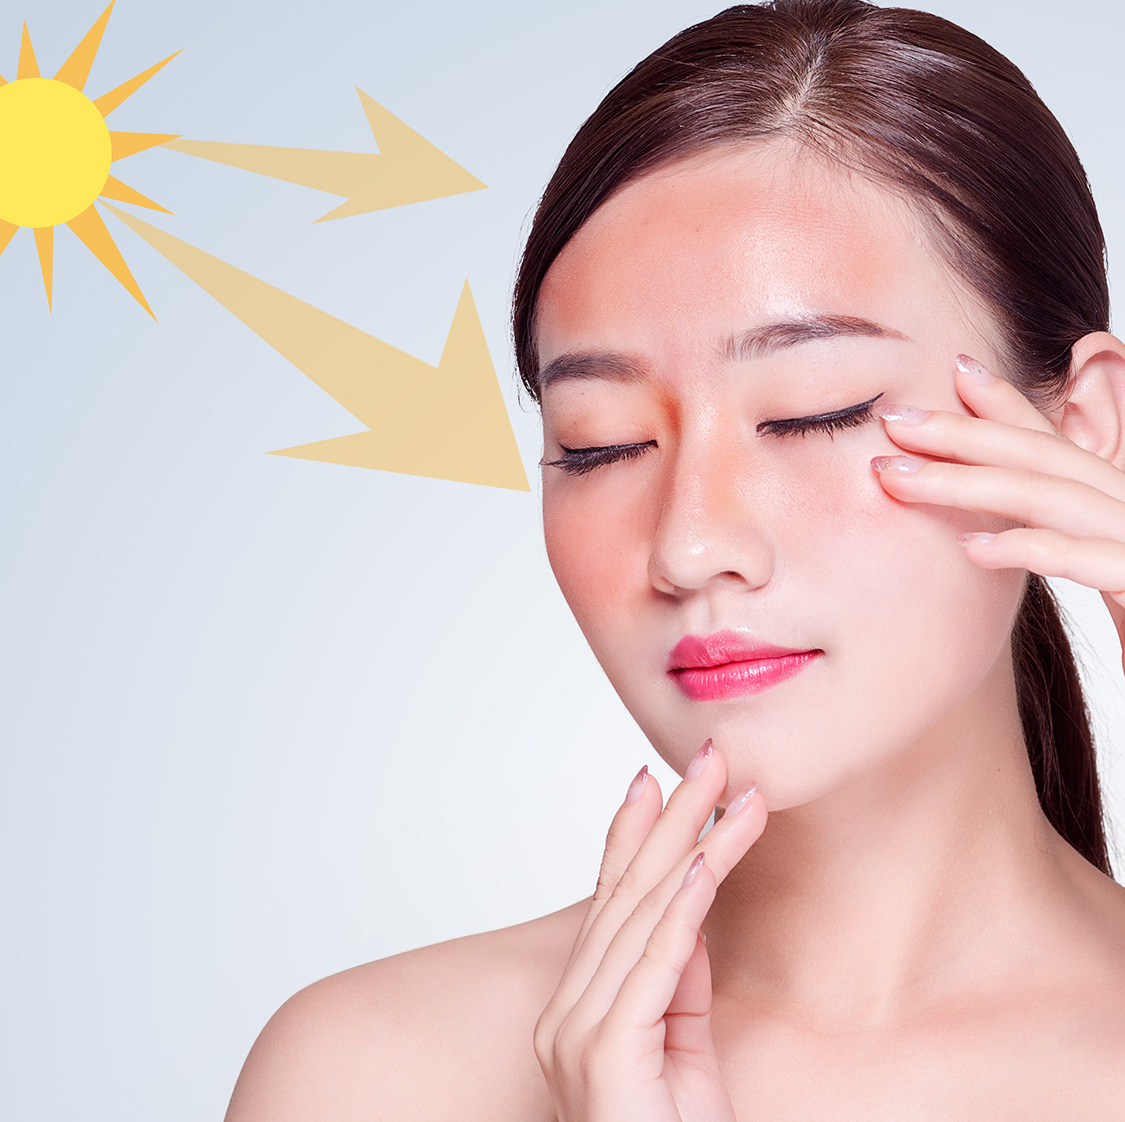 如何正确认识防晒?